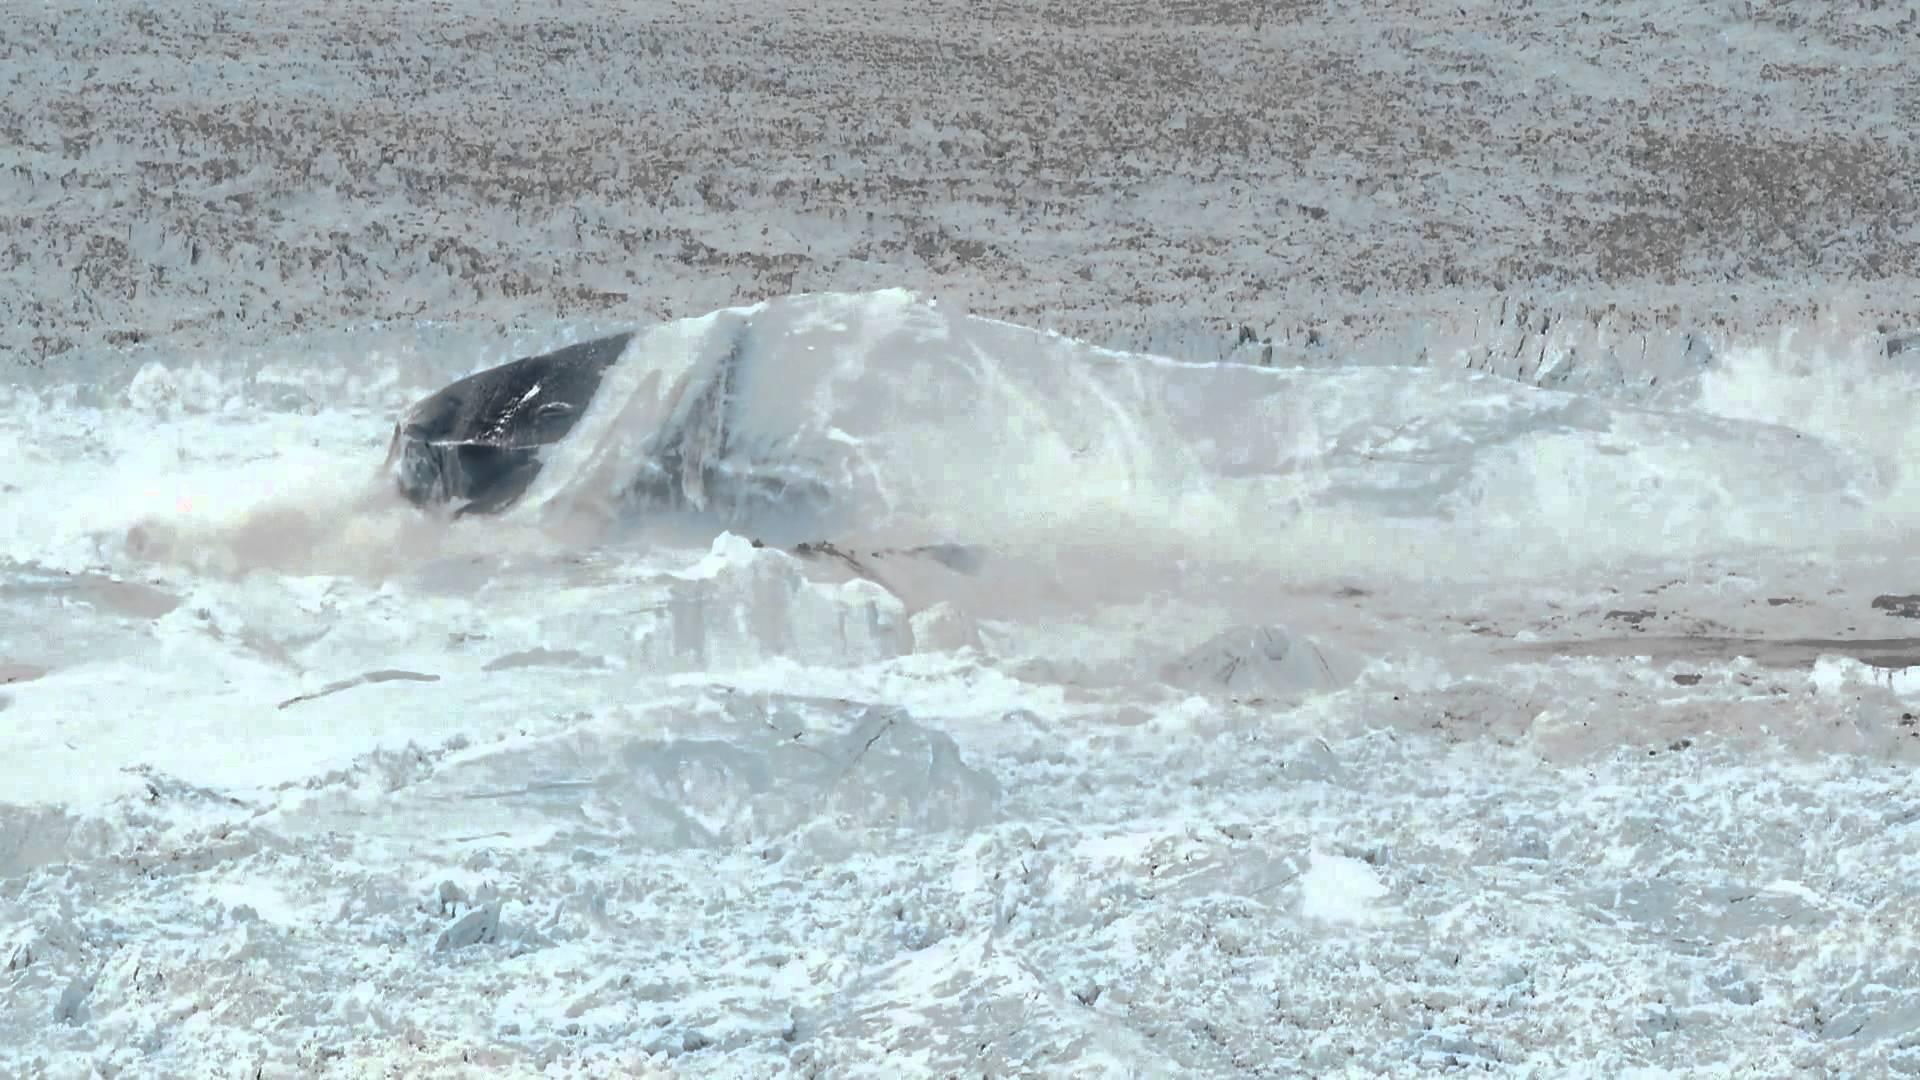 OZN descoperit în apele Groenlandei